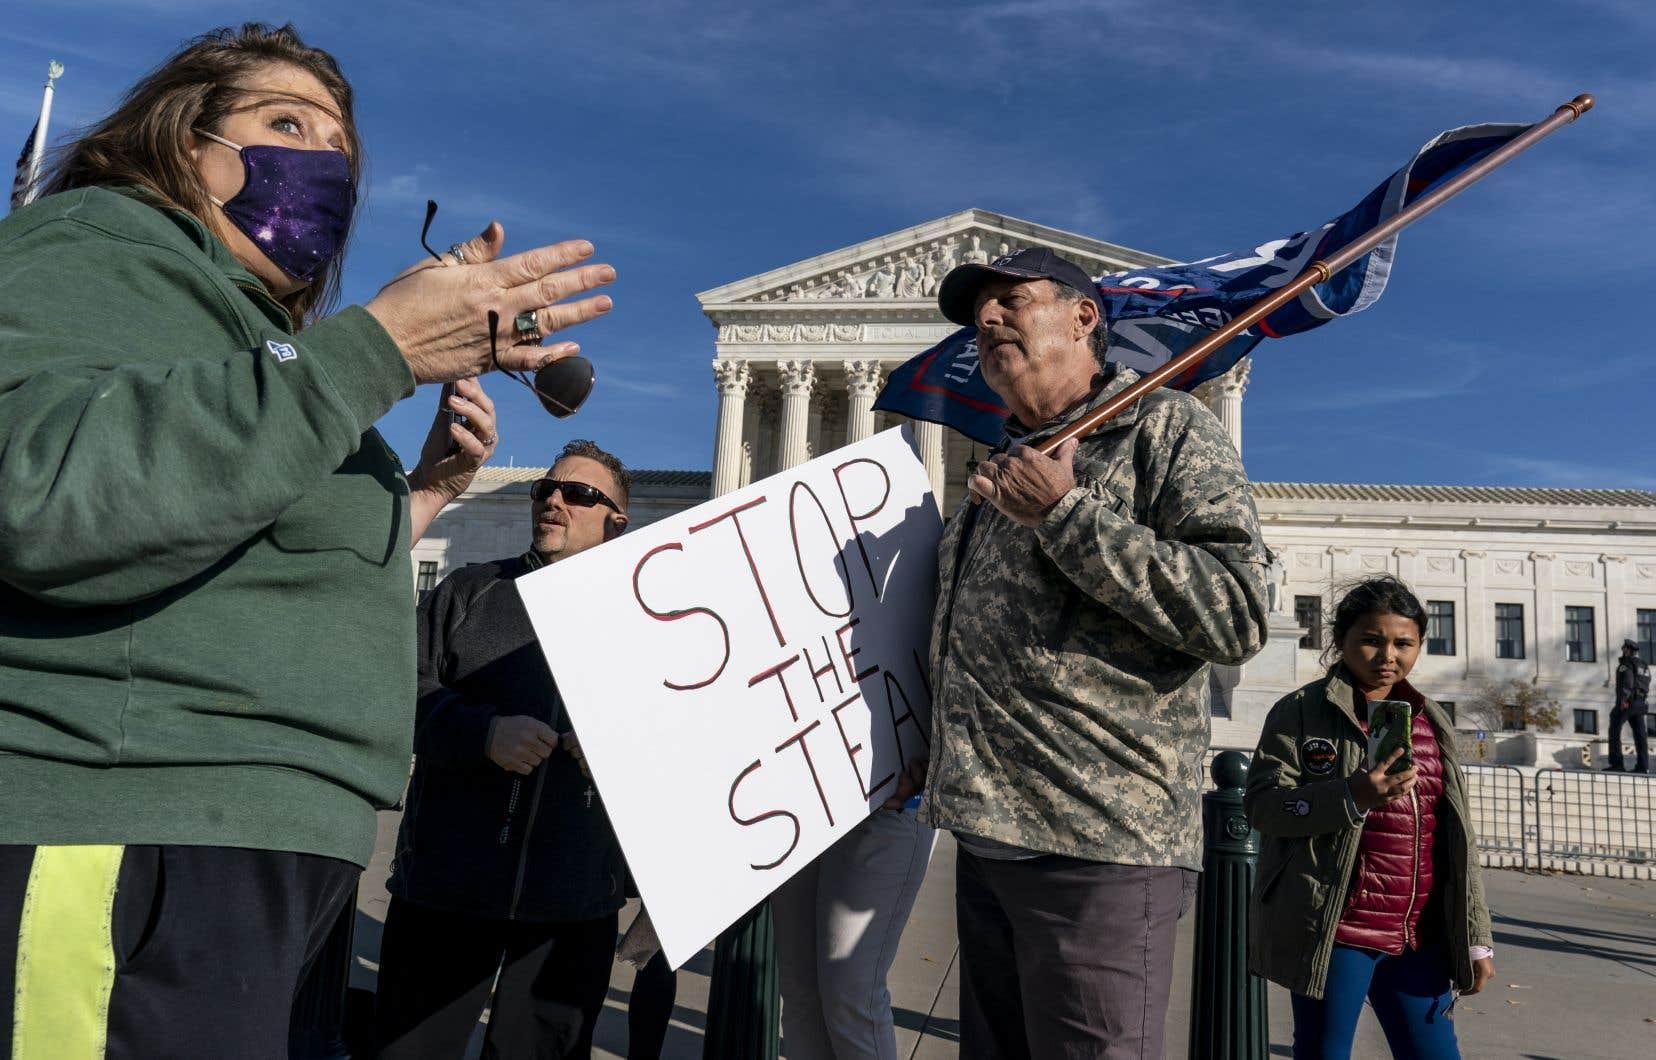 Quelques partisans de Donald Trump étaient présents vendredi devant le bâtiment de la Cour suprême, à Washington. Ils discutent avec des opposants au président sortant.